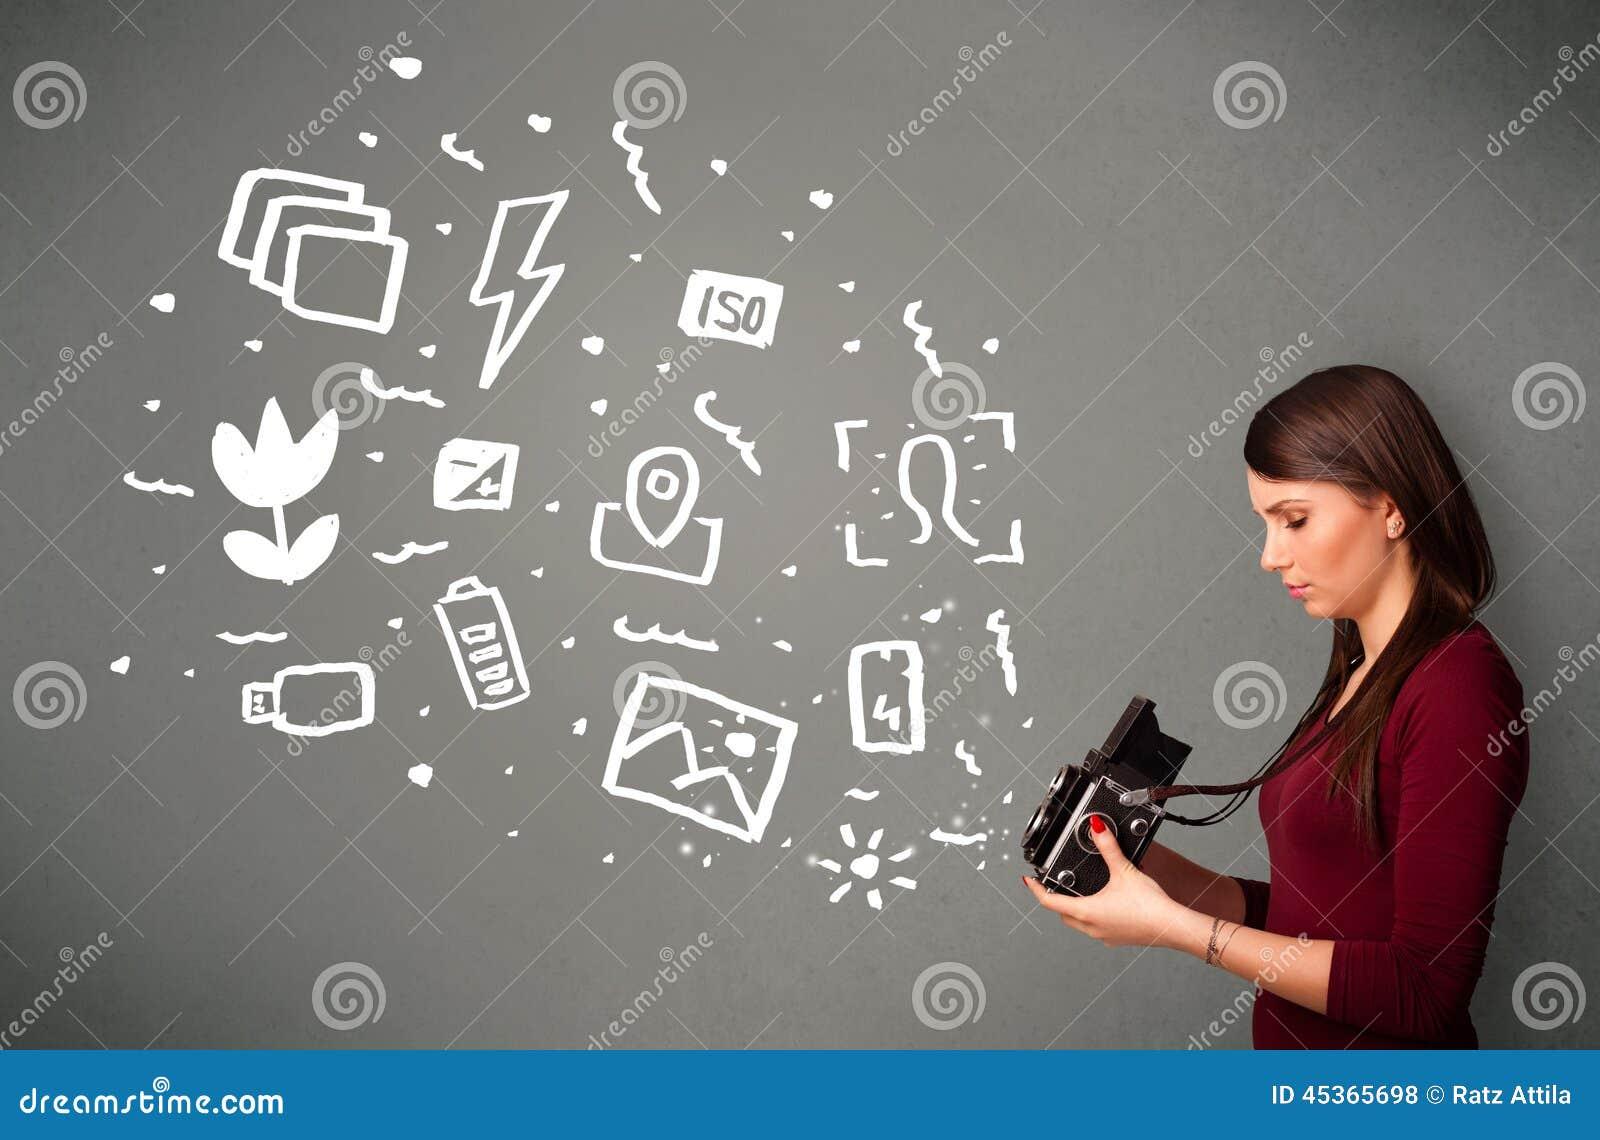 Fille de photographe capturant les icônes et les symboles blancs de photographie